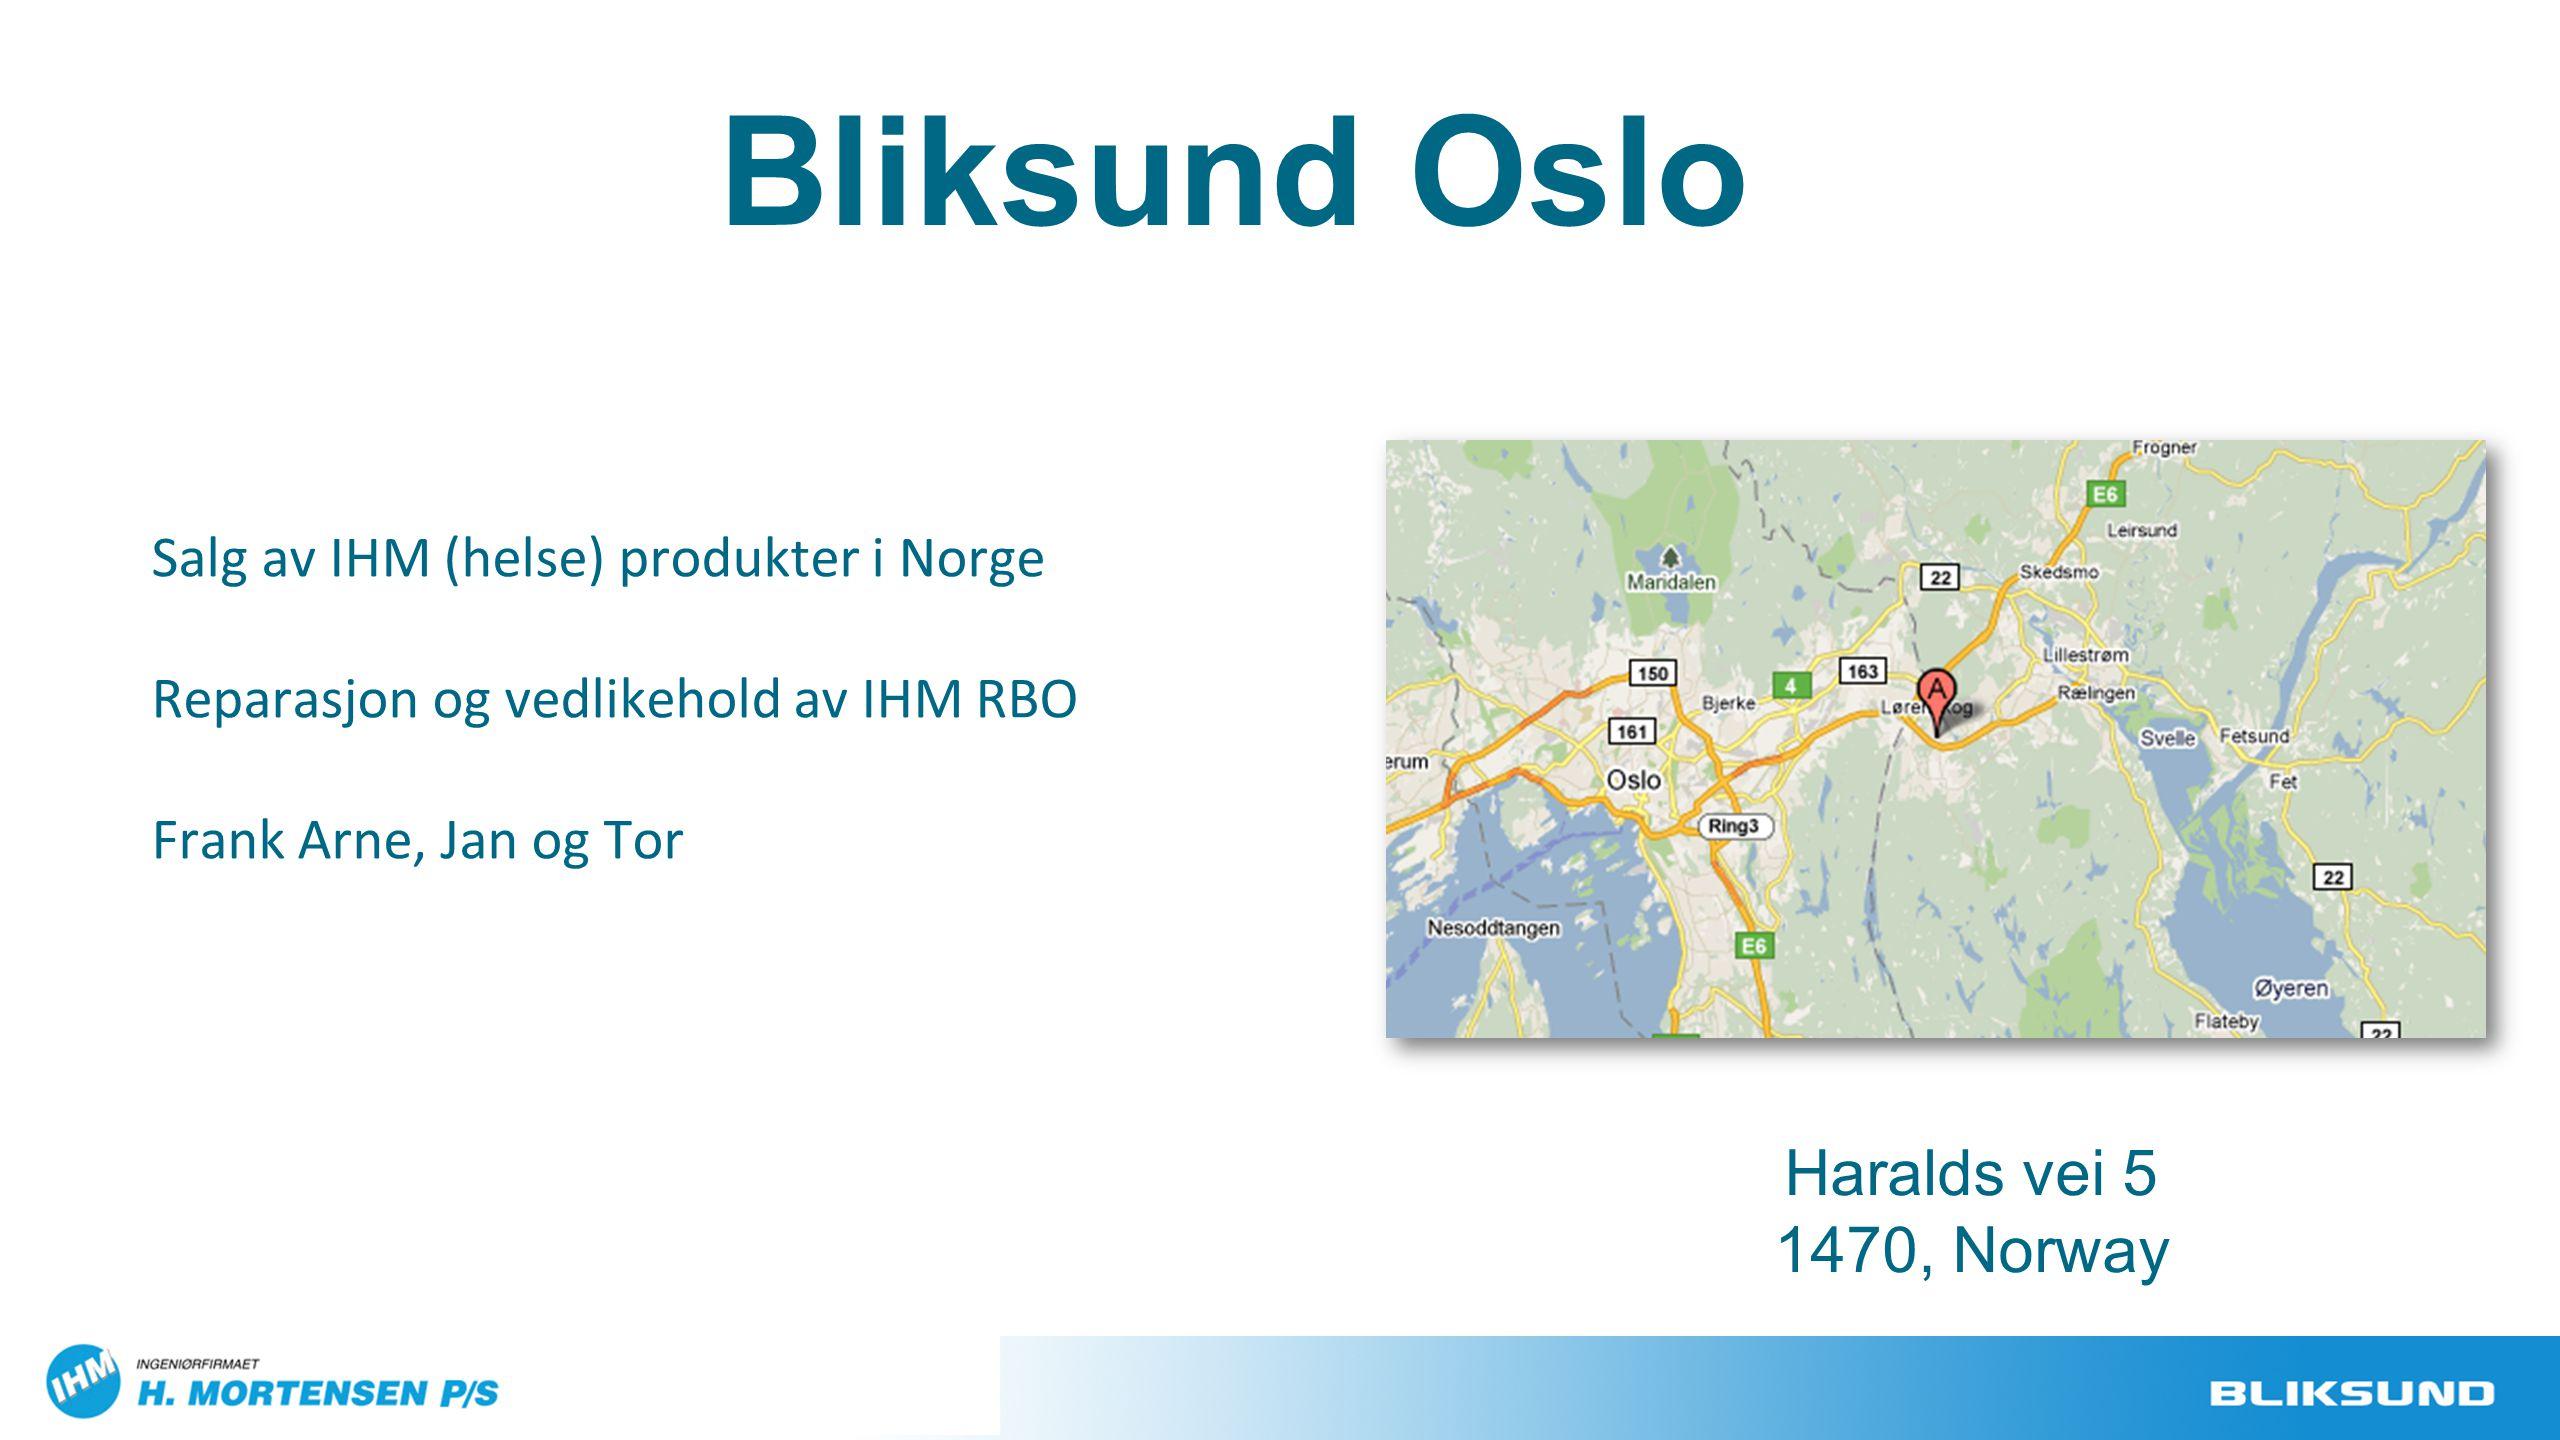 Salg av IHM (helse) produkter i Norge Reparasjon og vedlikehold av IHM RBO Frank Arne, Jan og Tor Haralds vei 5 1470, Norway Bliksund Oslo